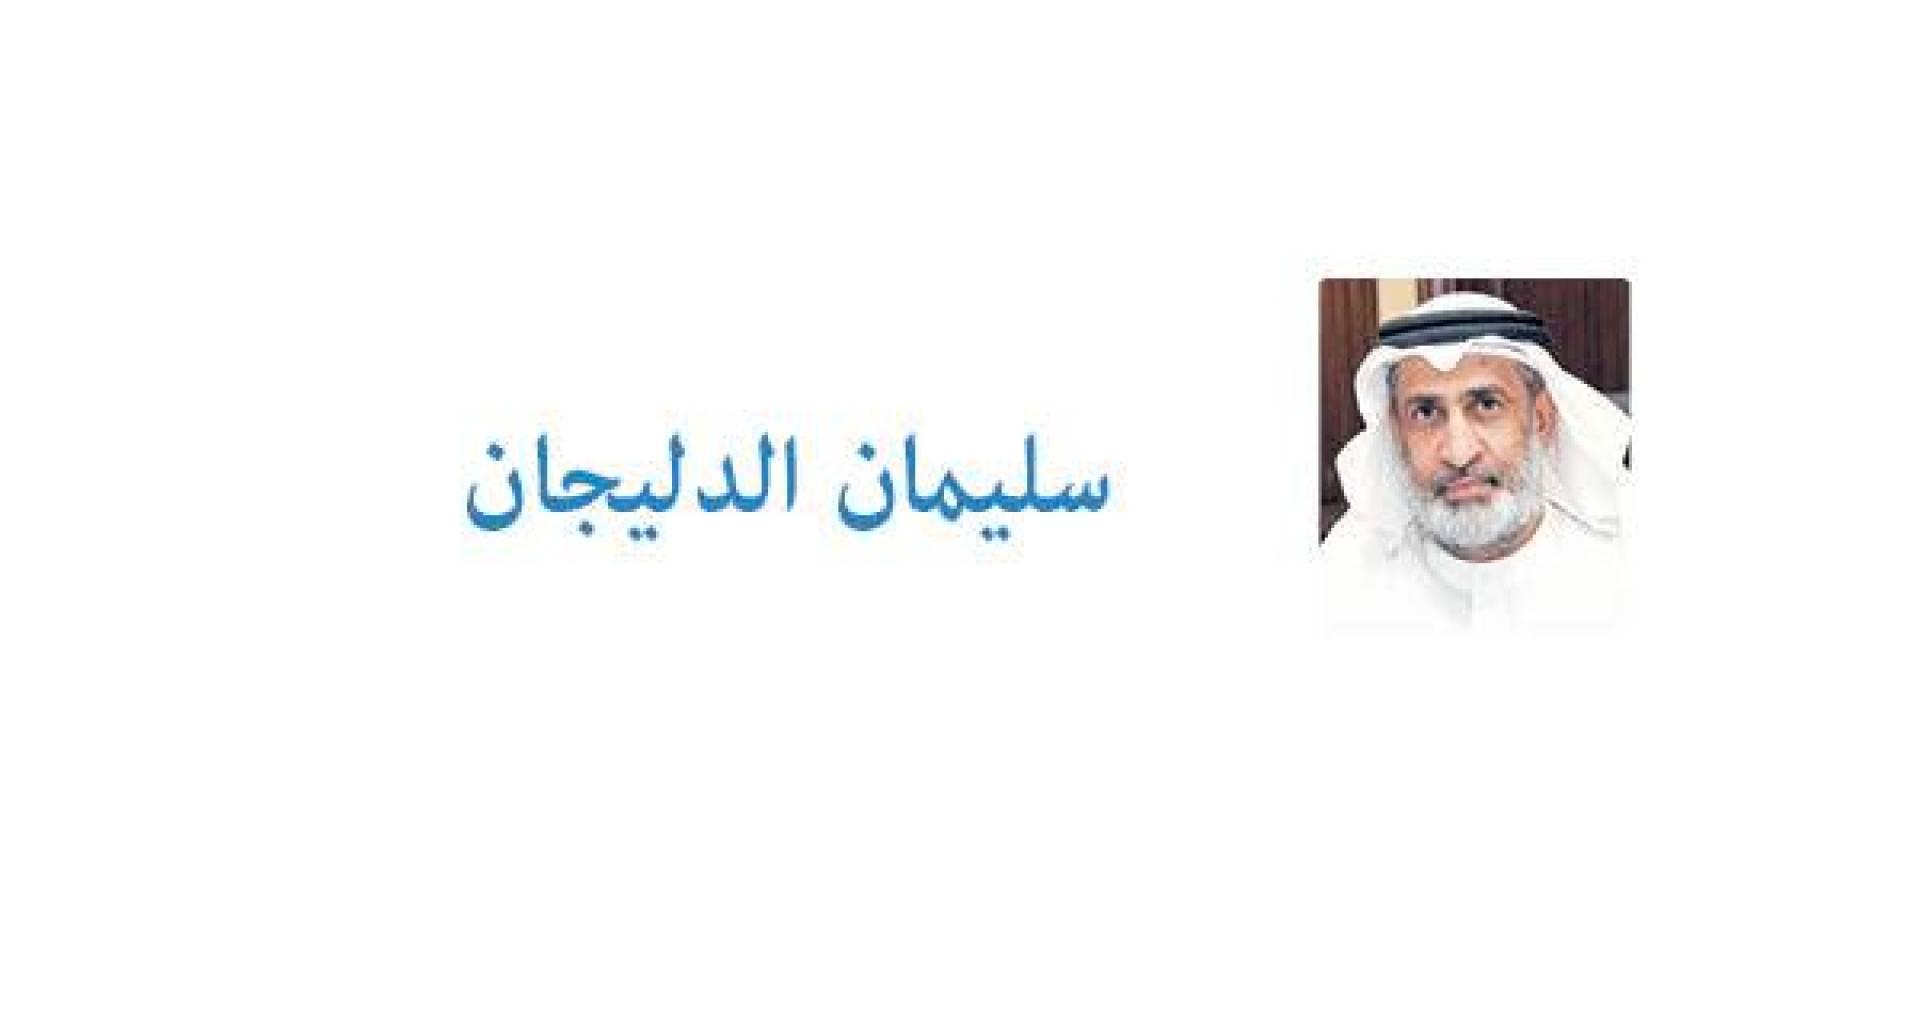 سليمان الدليجان66